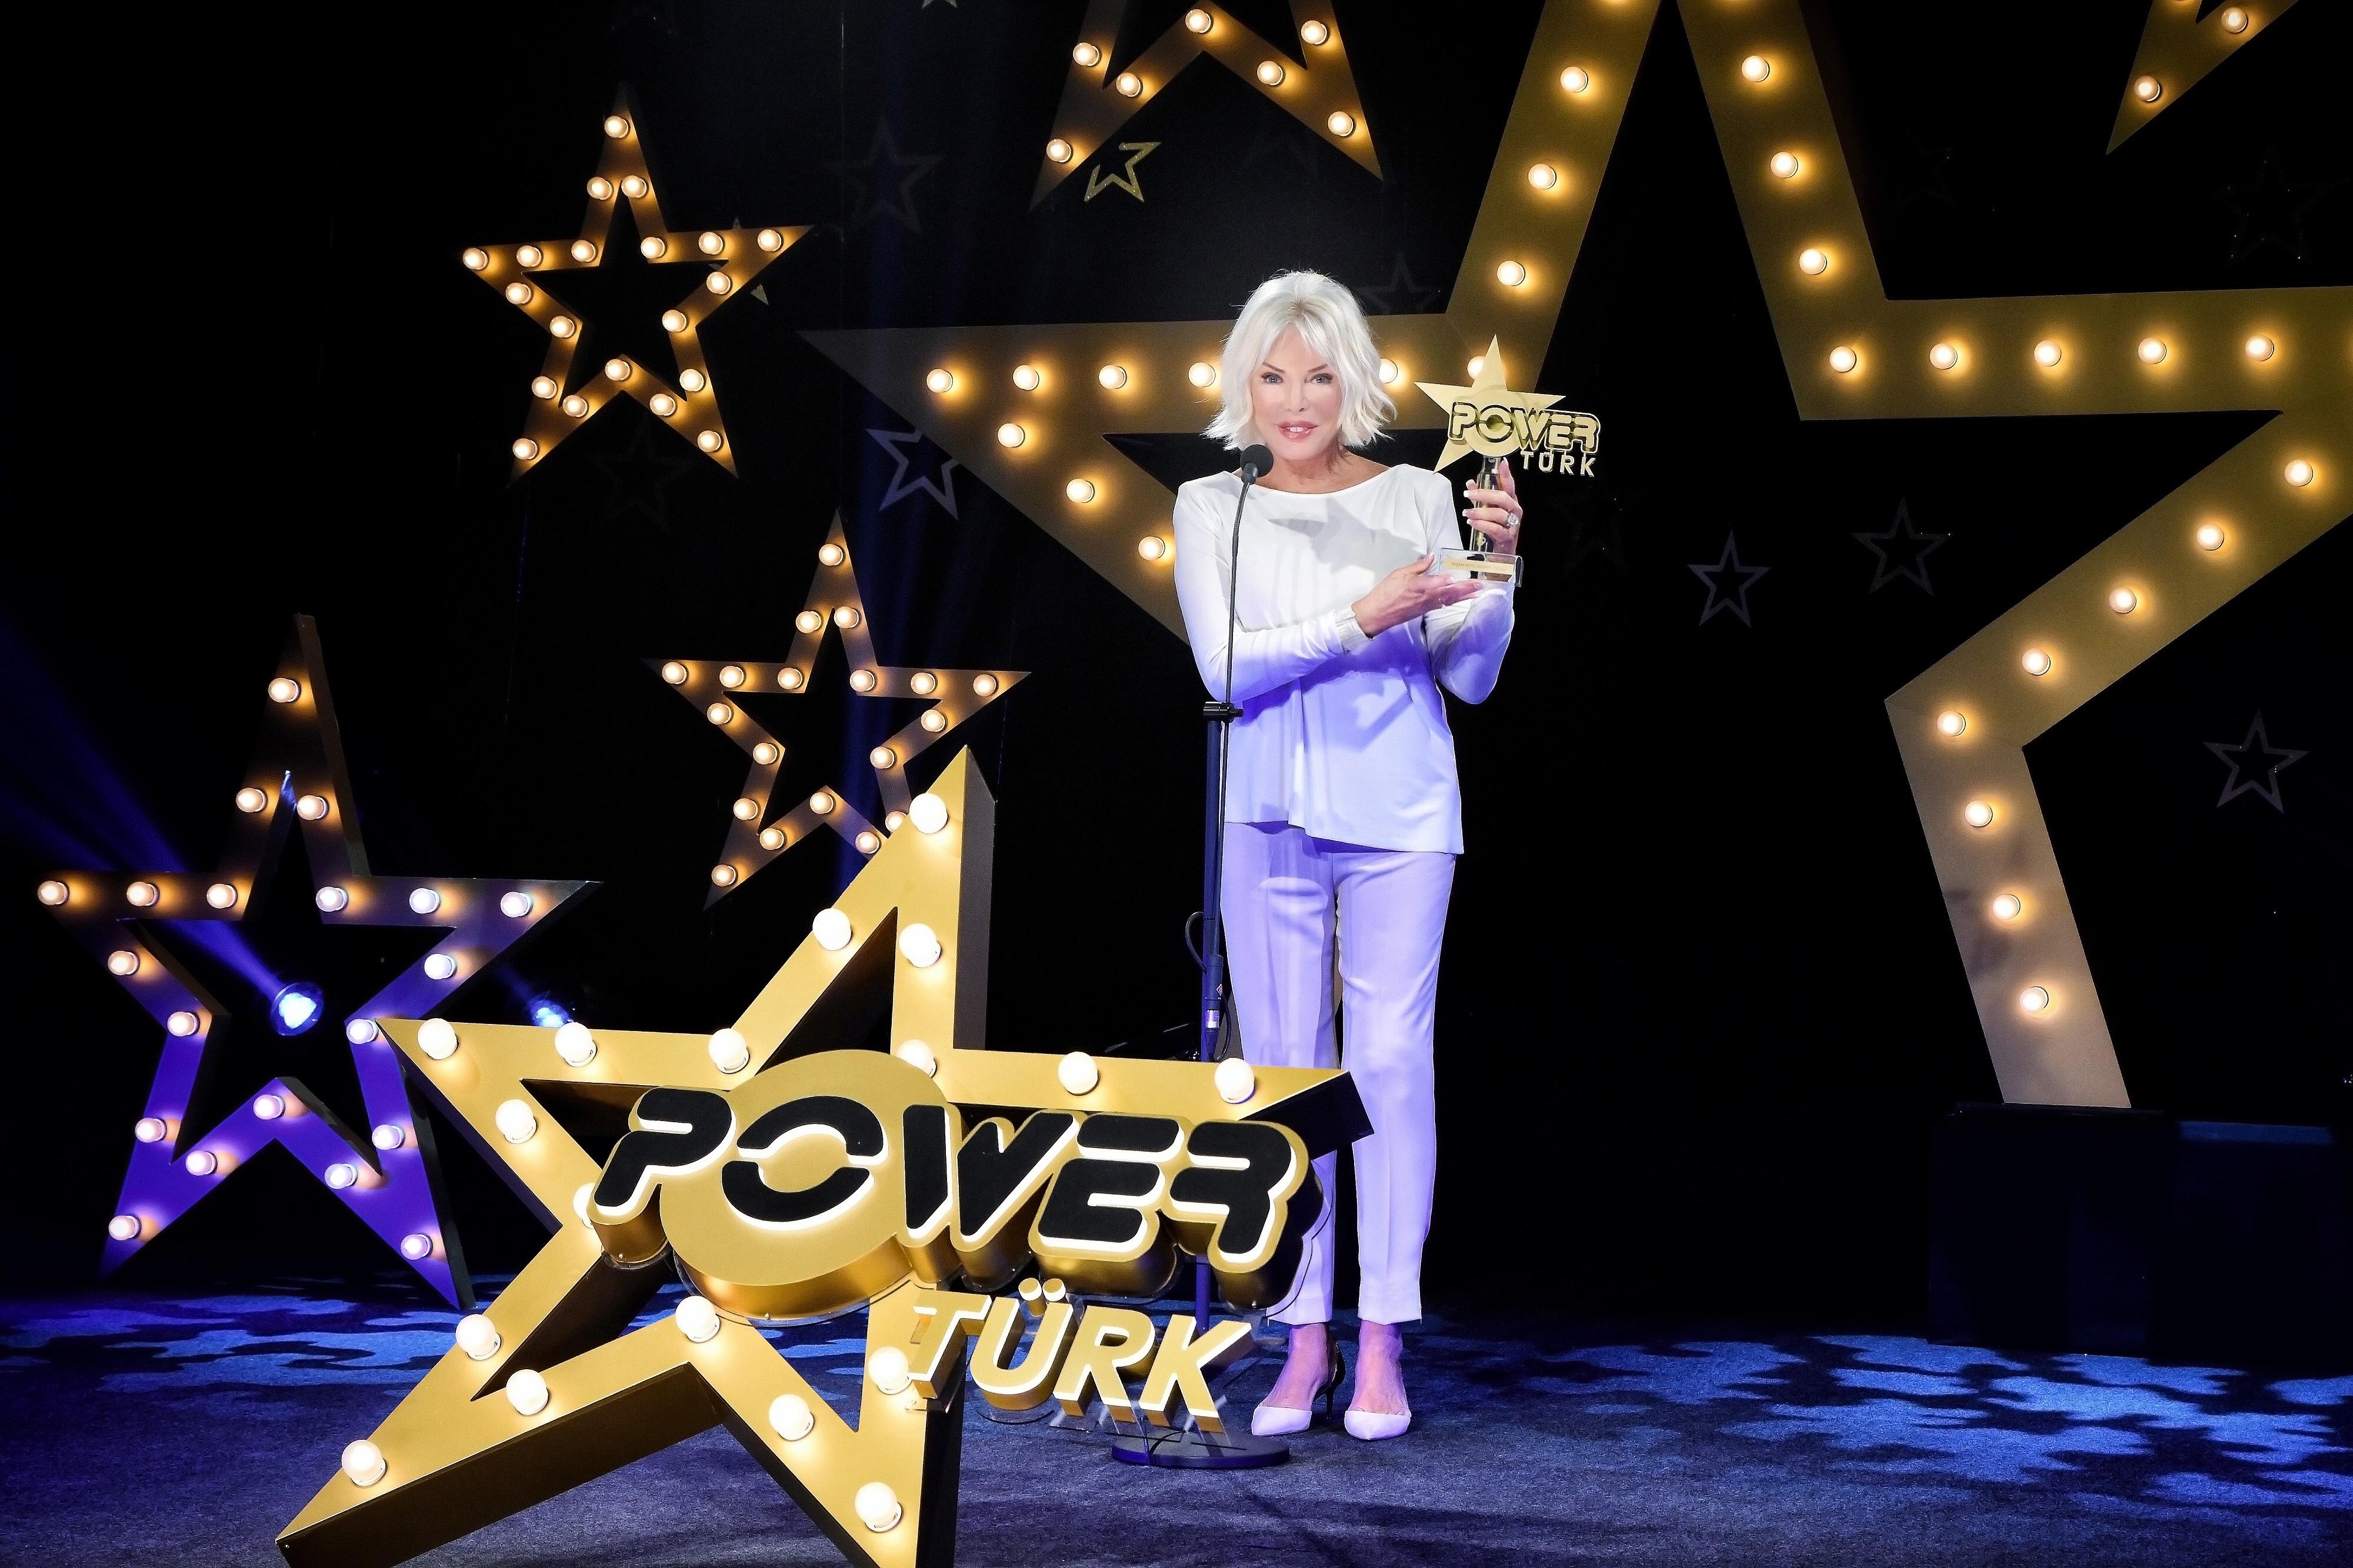 PowerTürk Müzik Ödülleri Dinamik ve Eğlenceli Bir Ekran Şovuyla Sahiplerini Buldu